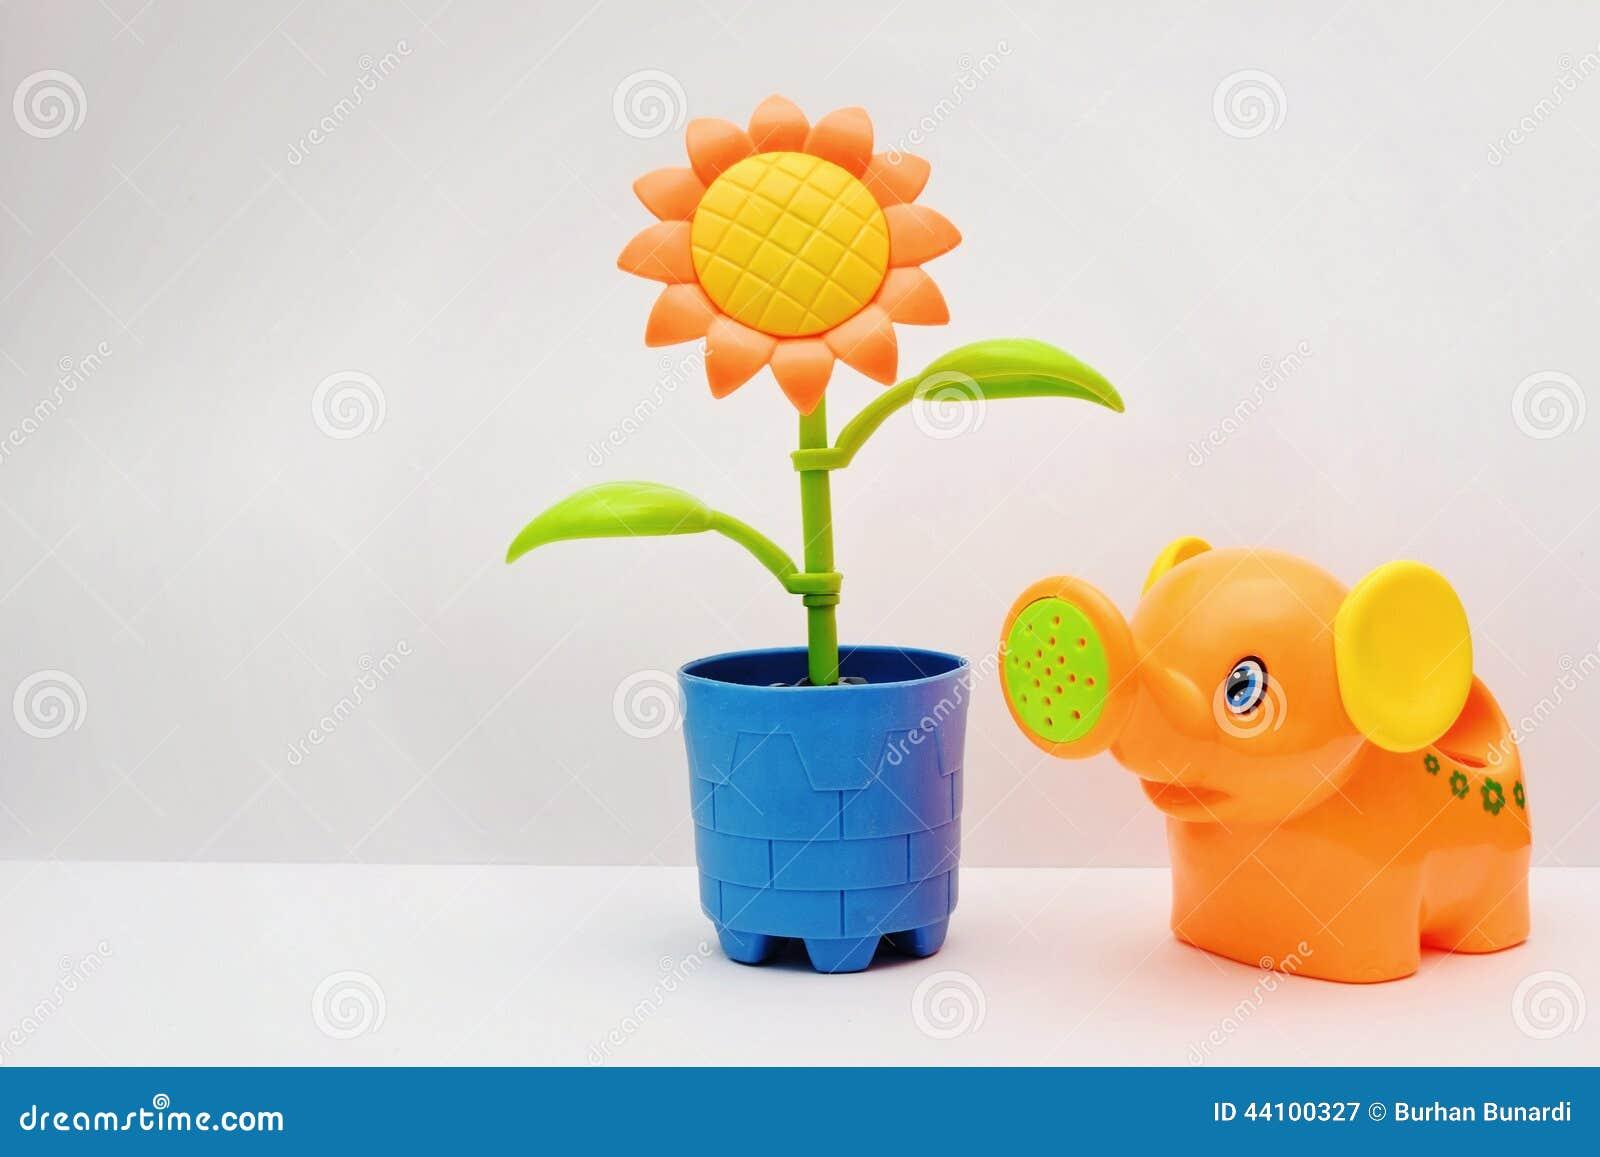 plastic flower toy stock image image of childhood orange 44100327. Black Bedroom Furniture Sets. Home Design Ideas